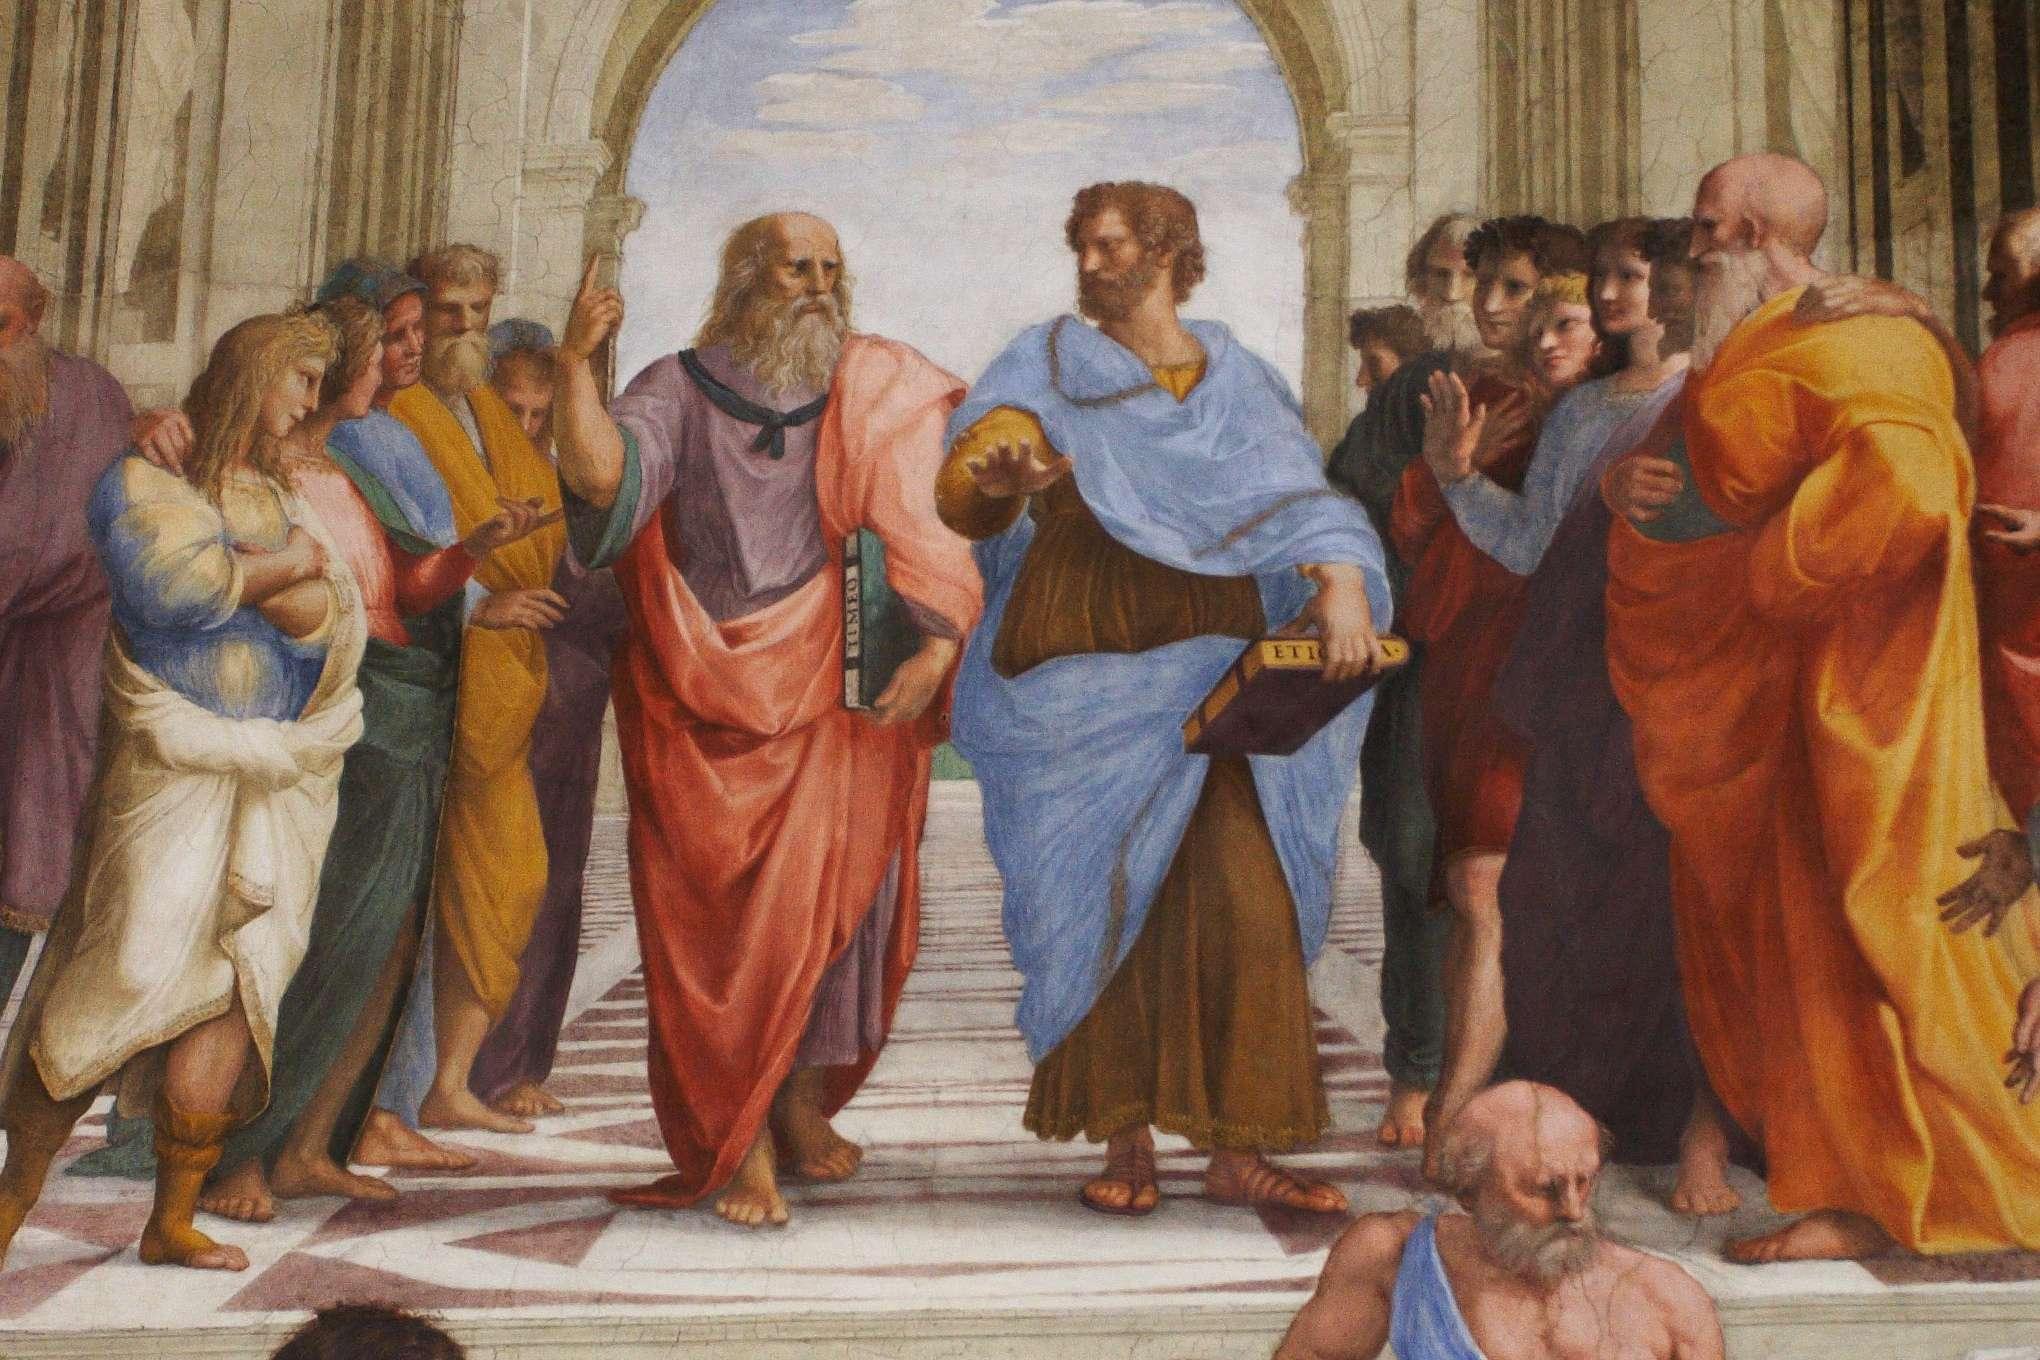 Η Σχολή των Αθηνών, ή Scuola di ΑΤΕΝΕ στην ιταλική γλώσσα, είναι ένα από τα πιο διάσημα έργα ζωγραφικής από τον Ιταλό καλλιτέχνη της Αναγέννησης, Ραφαήλ.